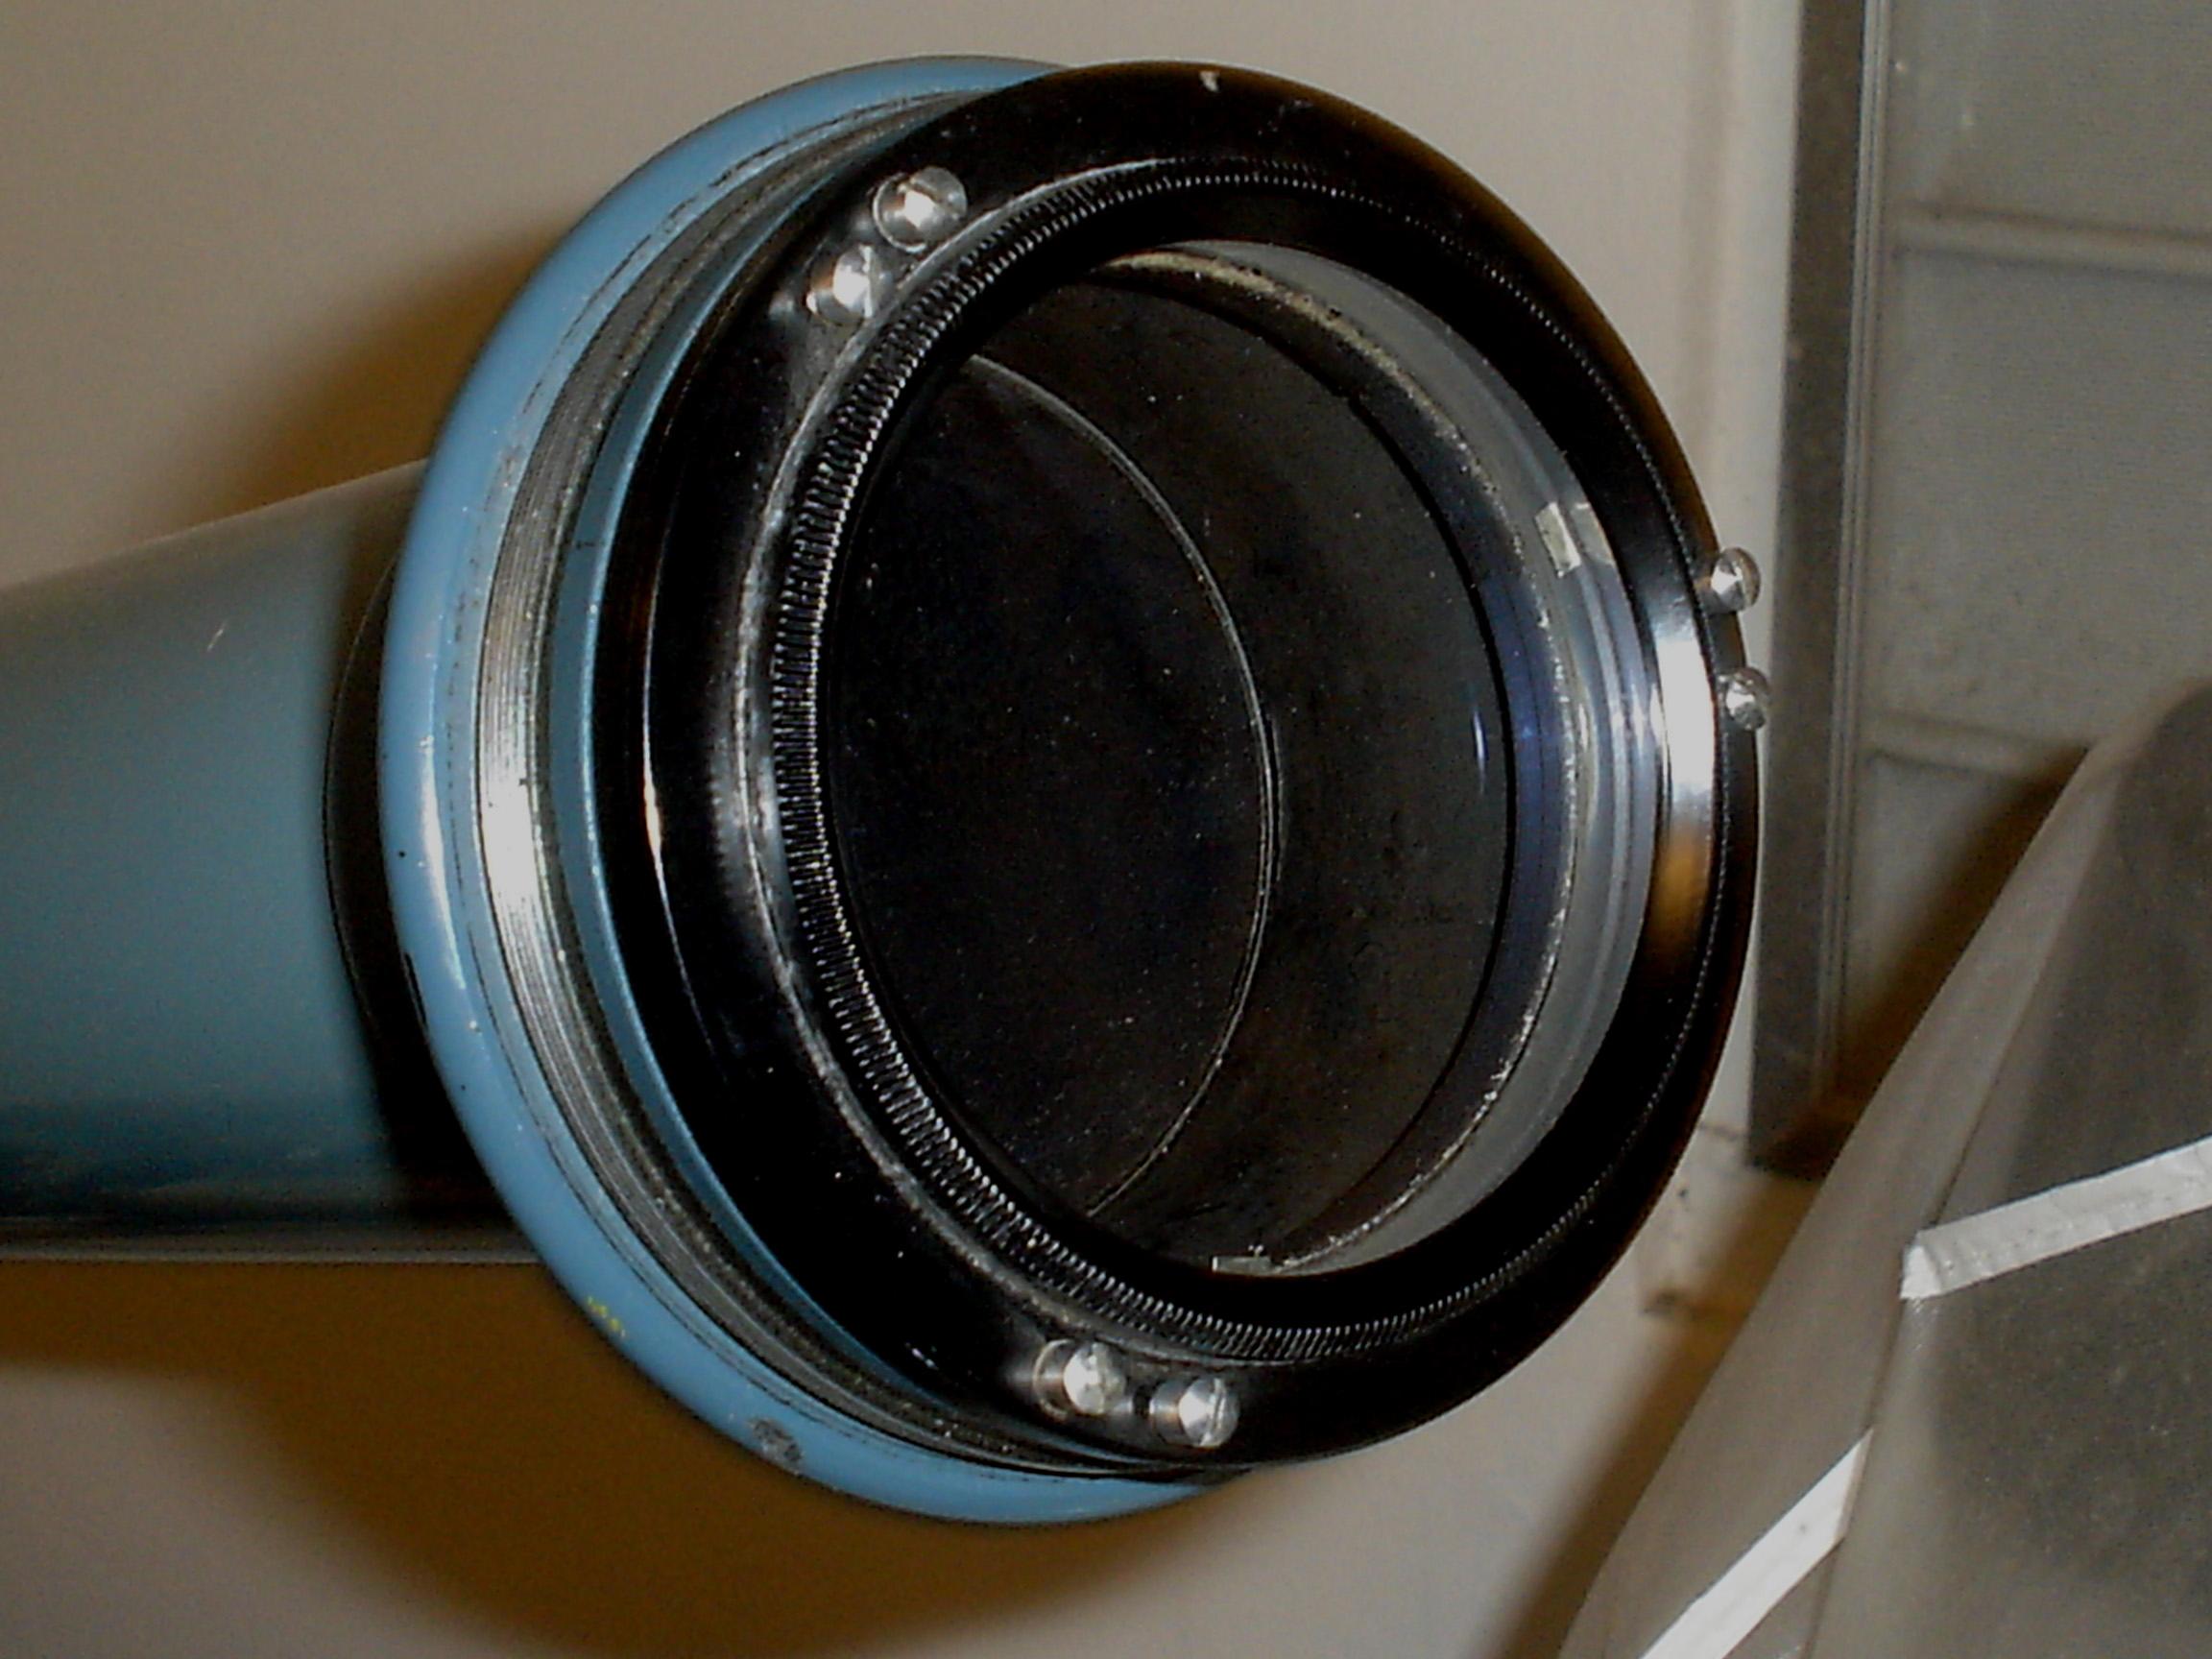 Refractor telescope lenses ts photoline mm f apo travel